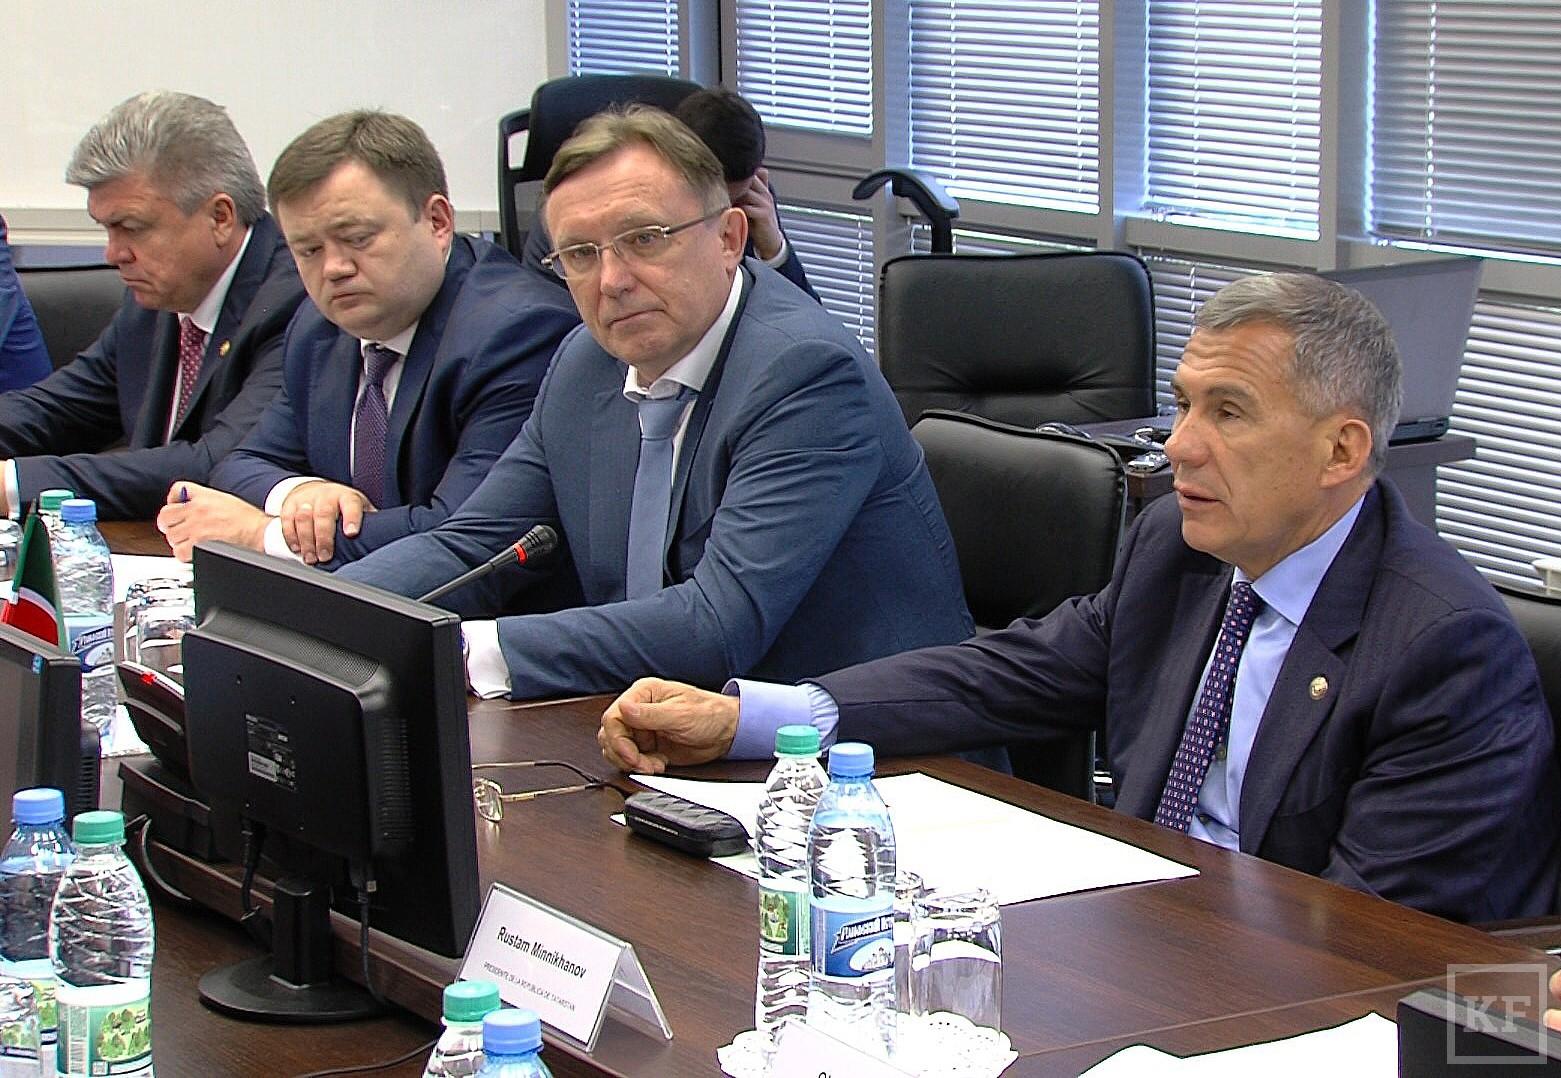 Кубинская делегация и Минниханов провели переговоры о сотрудничестве на «Камазе»